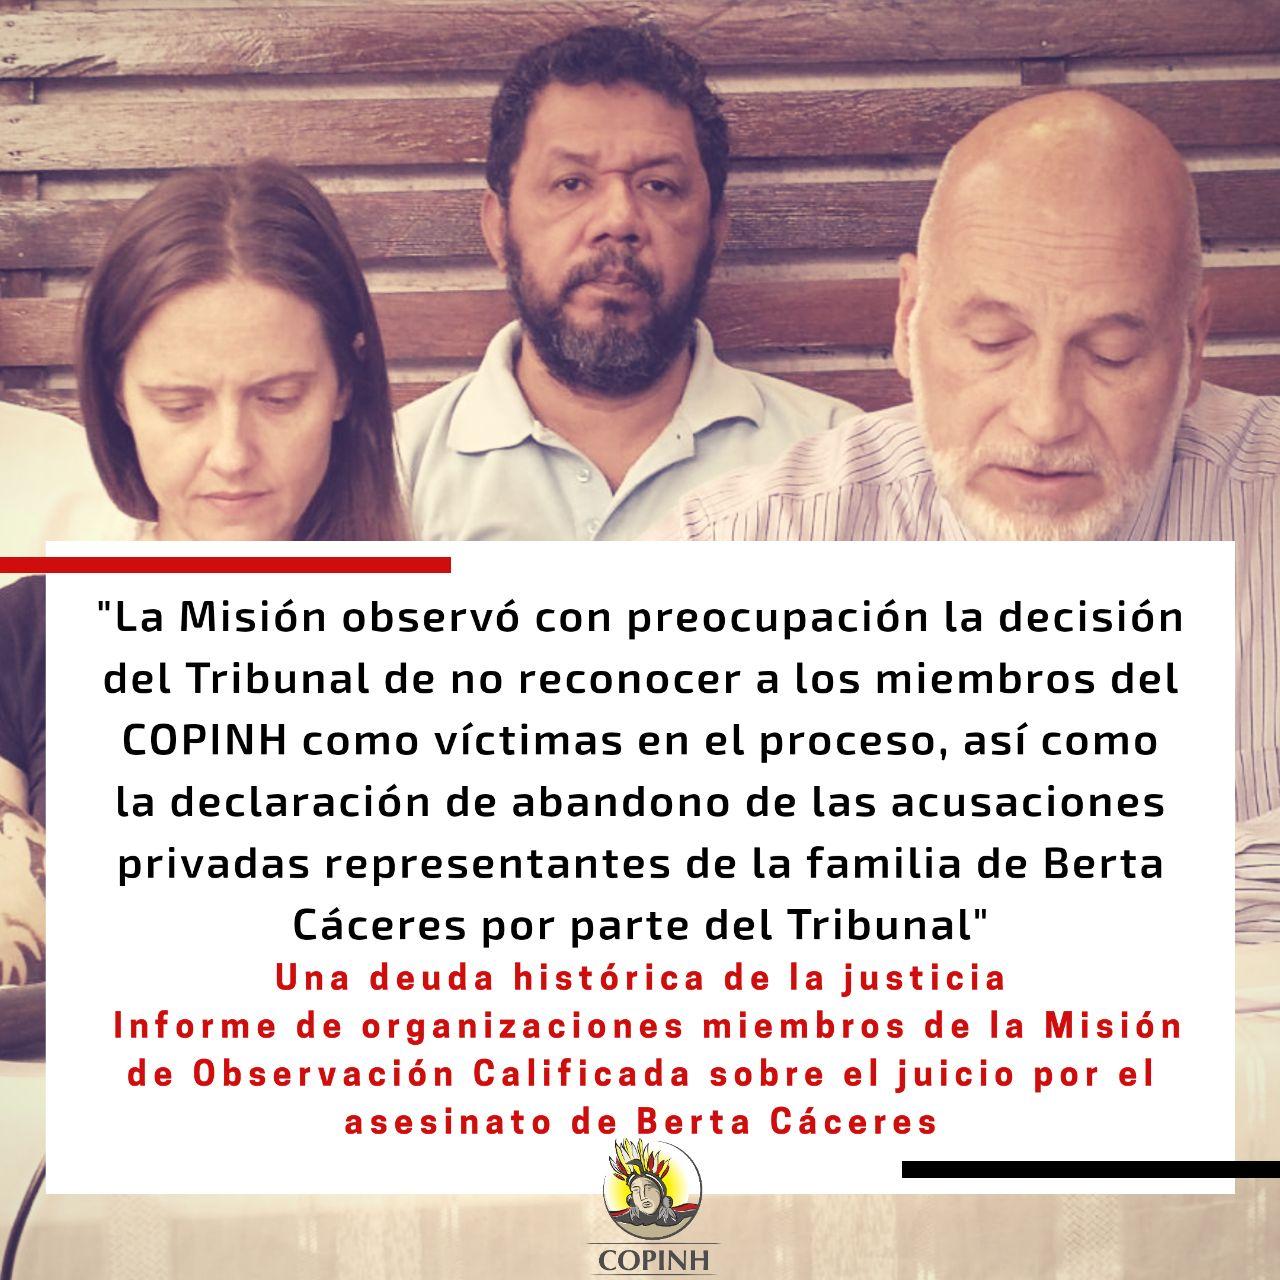 La justicia hondureña en deuda: Organizaciones presentan hallazgos sobre acceso a justicia en caso Berta Cáceres